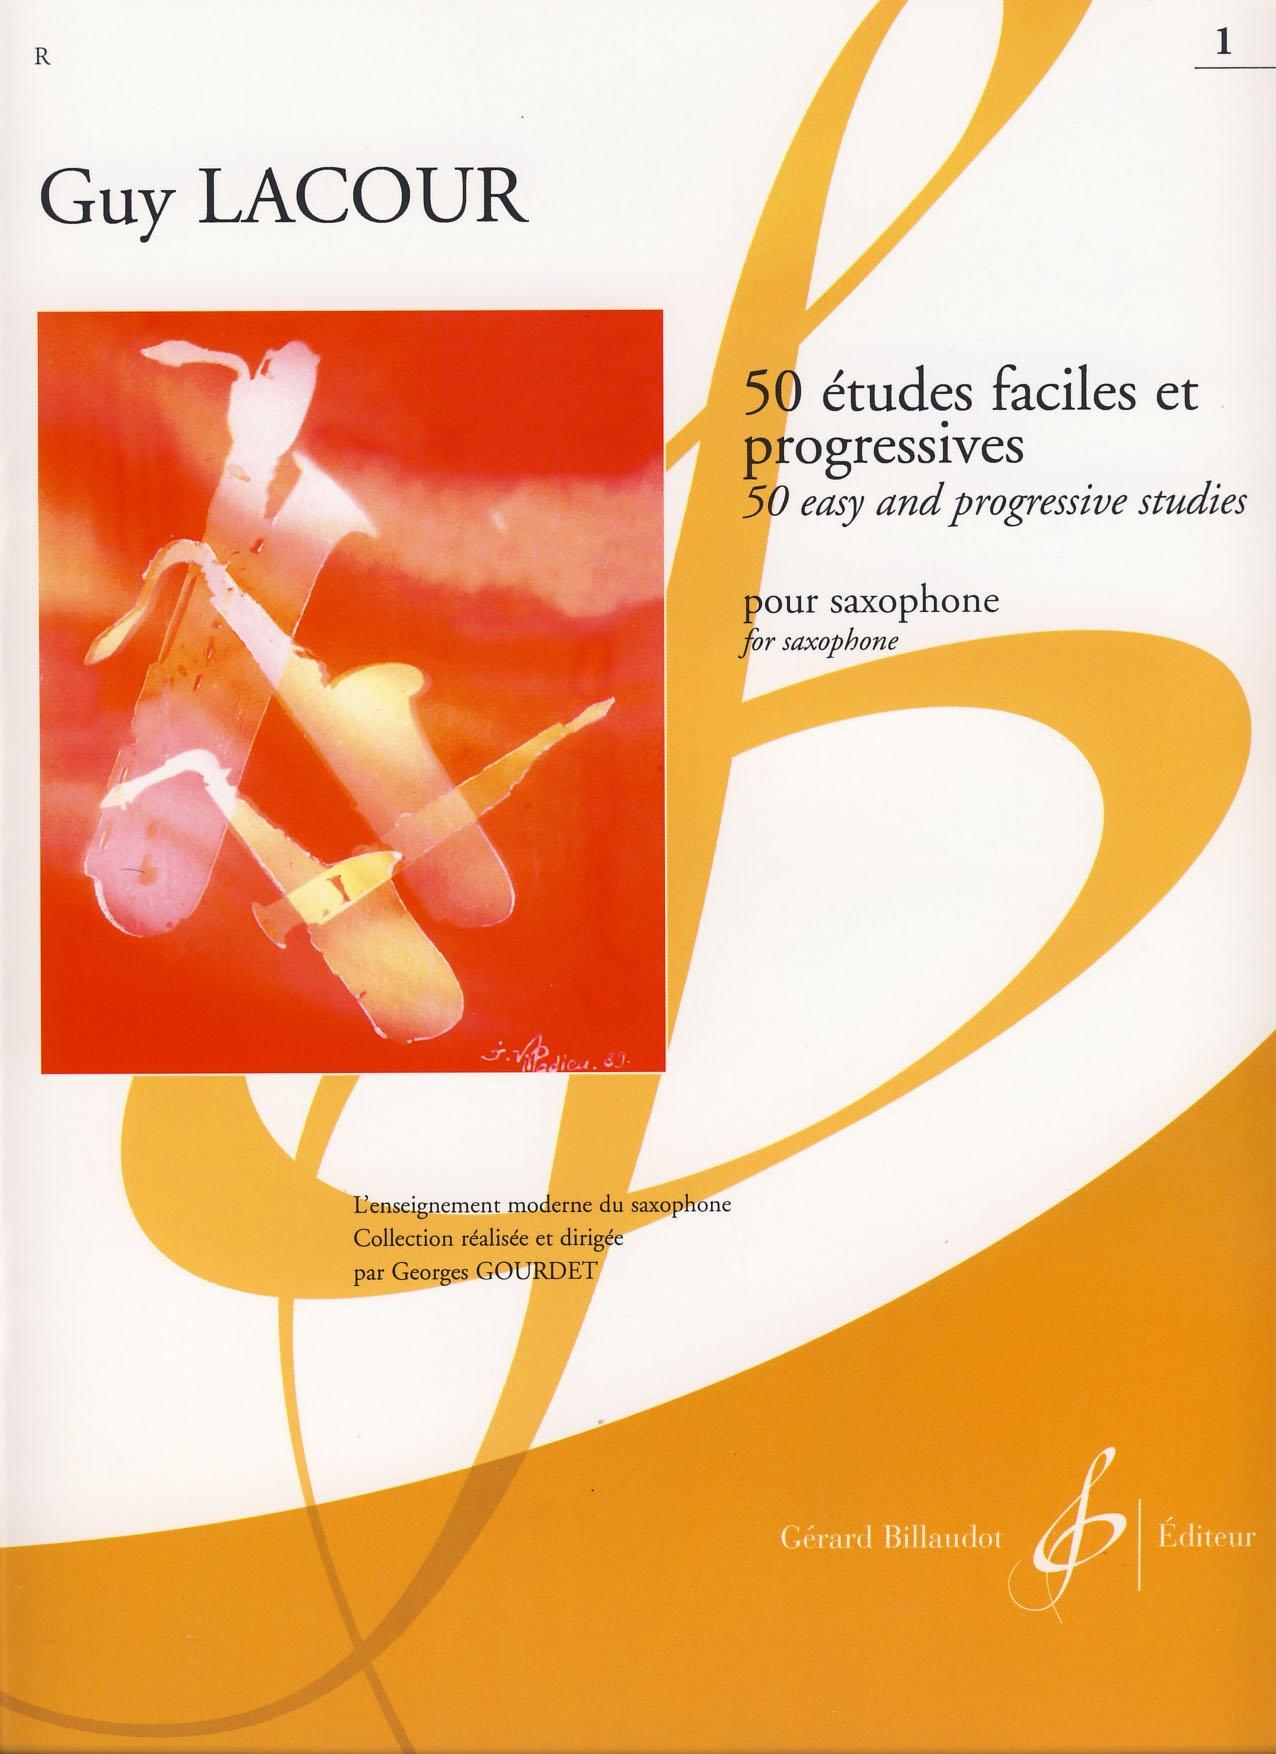 BILLAUDOT 50 etudes faciles et progressives pour saxophone 1 - GUY LACOUR